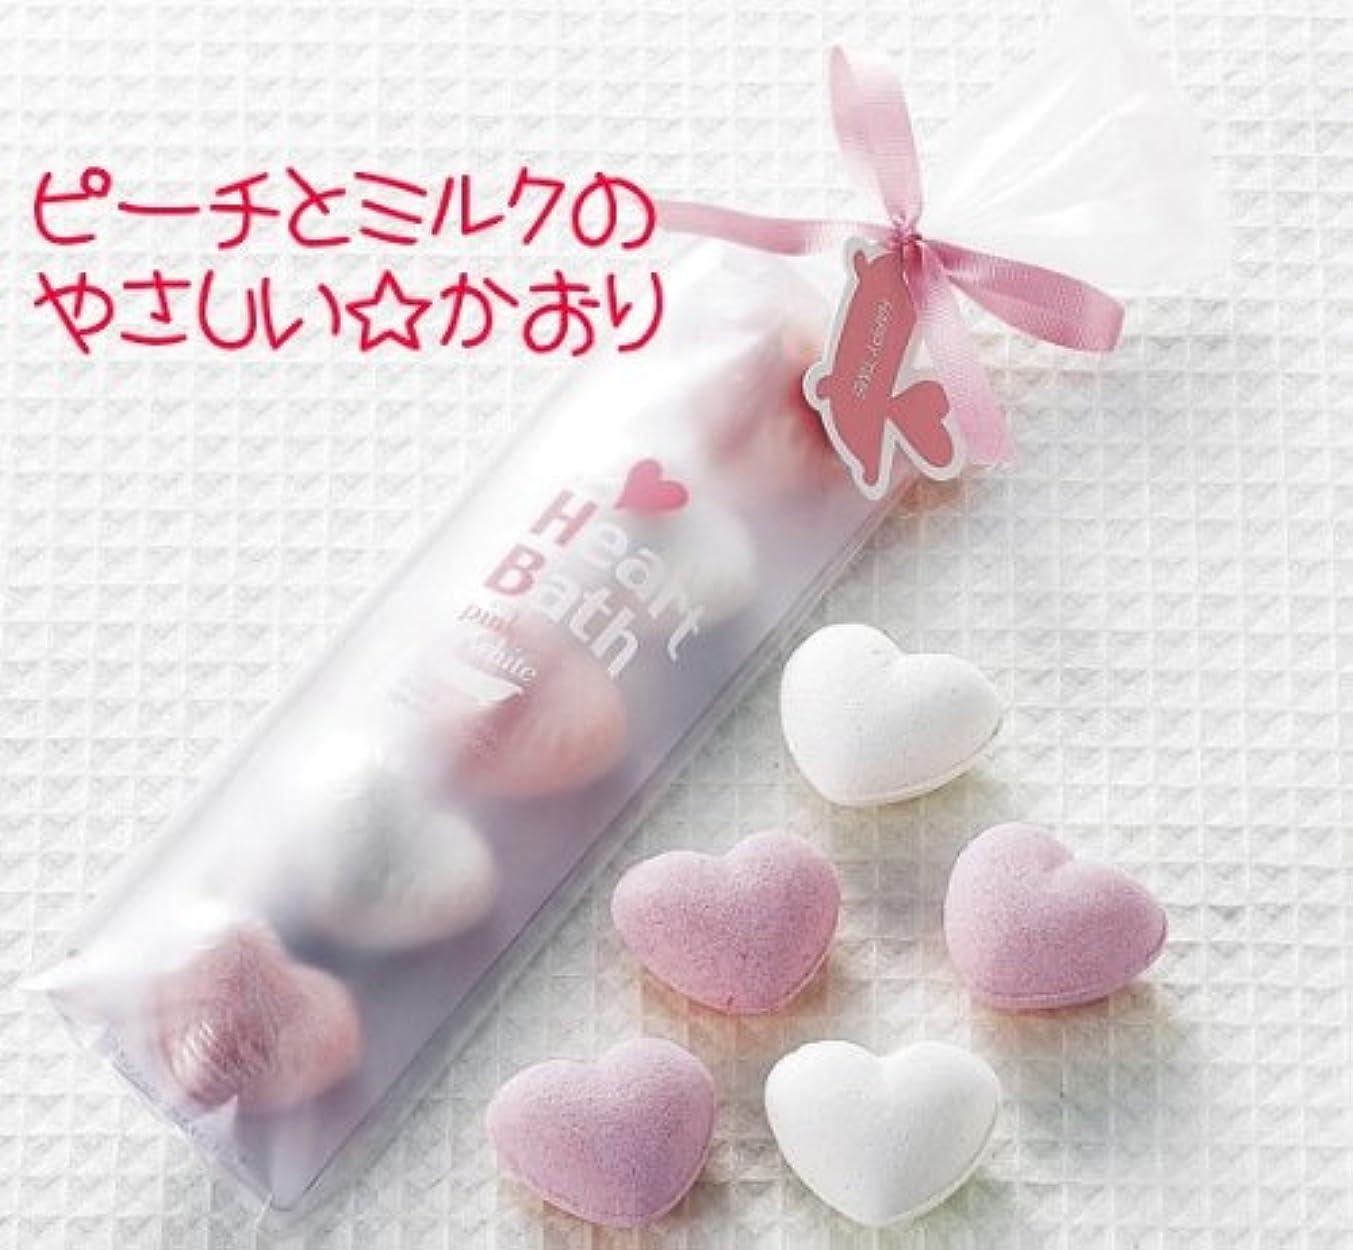 ヘビー鳥統治するハートの入浴剤 ピーチ&ミルク【結婚式 二次会 プチギフト】